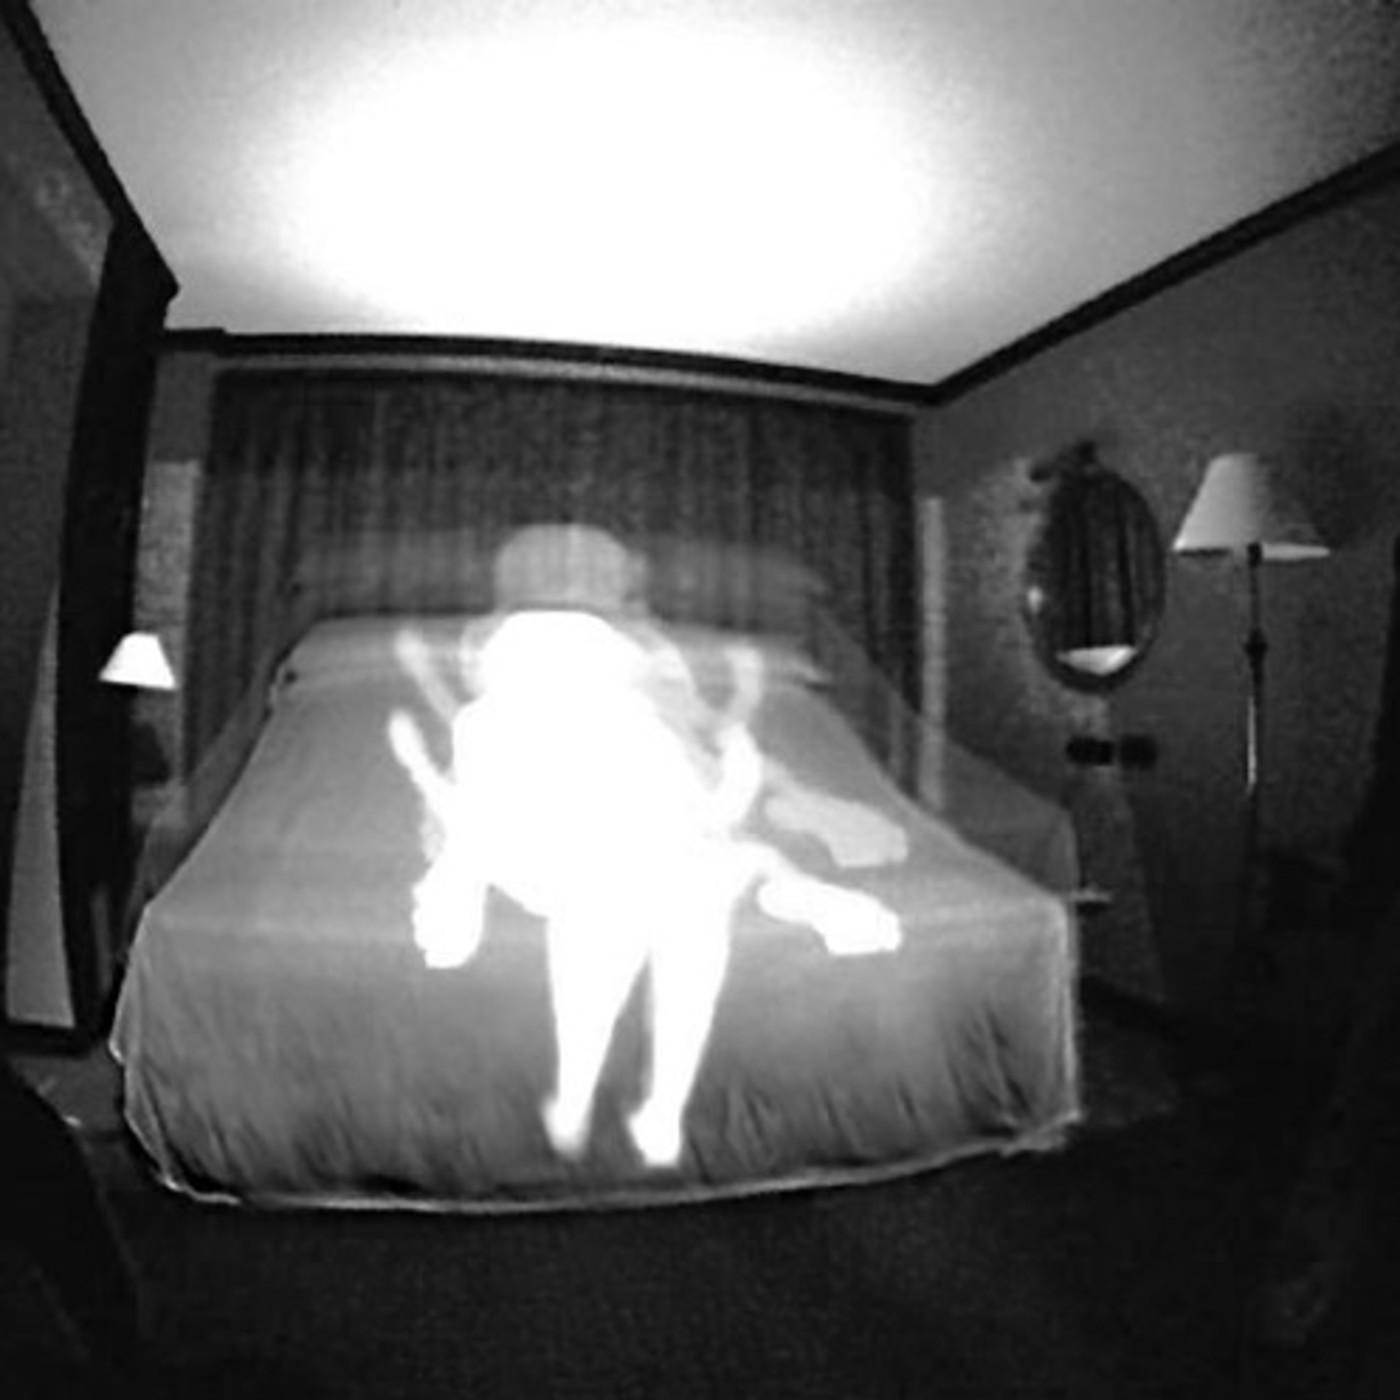 Canal Porno Orgasmos Hombred vde 1x01 - los fantasmas de schopenhauer y el porno en